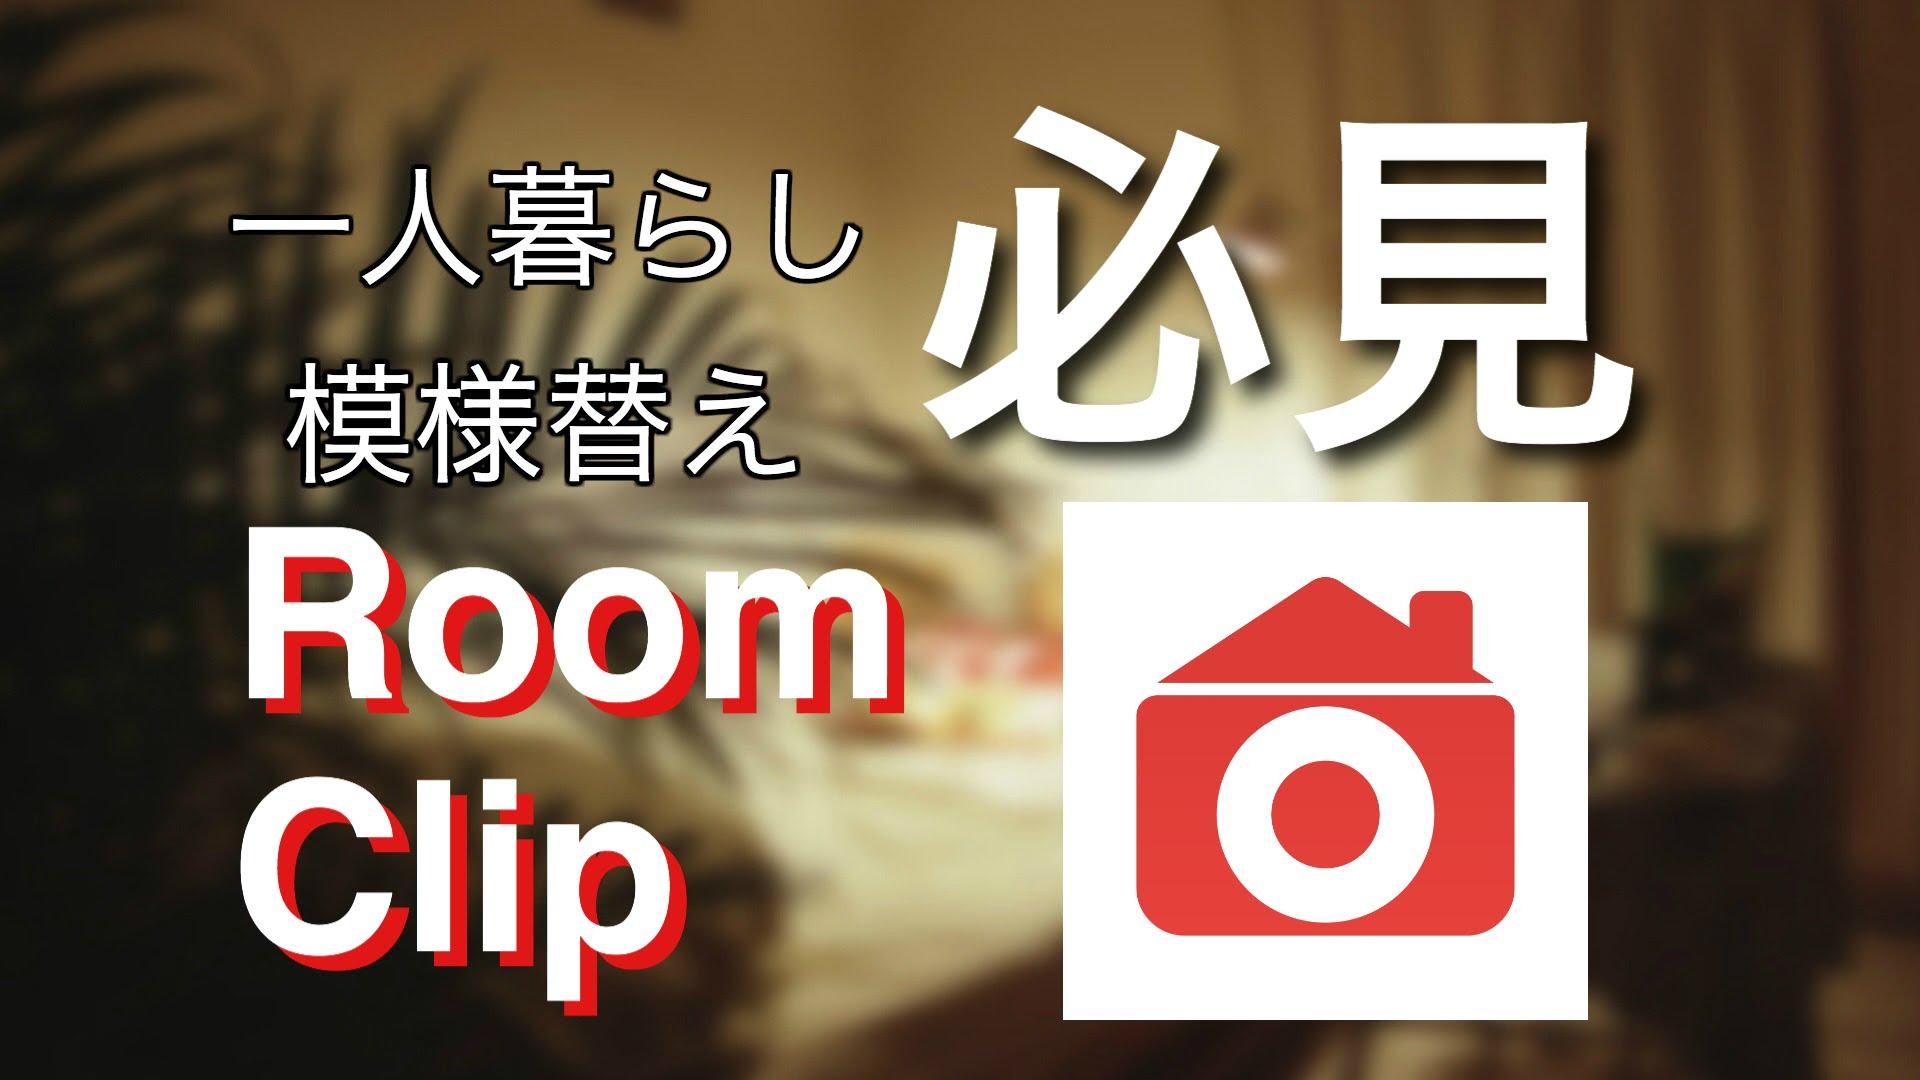 全国のお洒落部屋をチェック! RoomClip